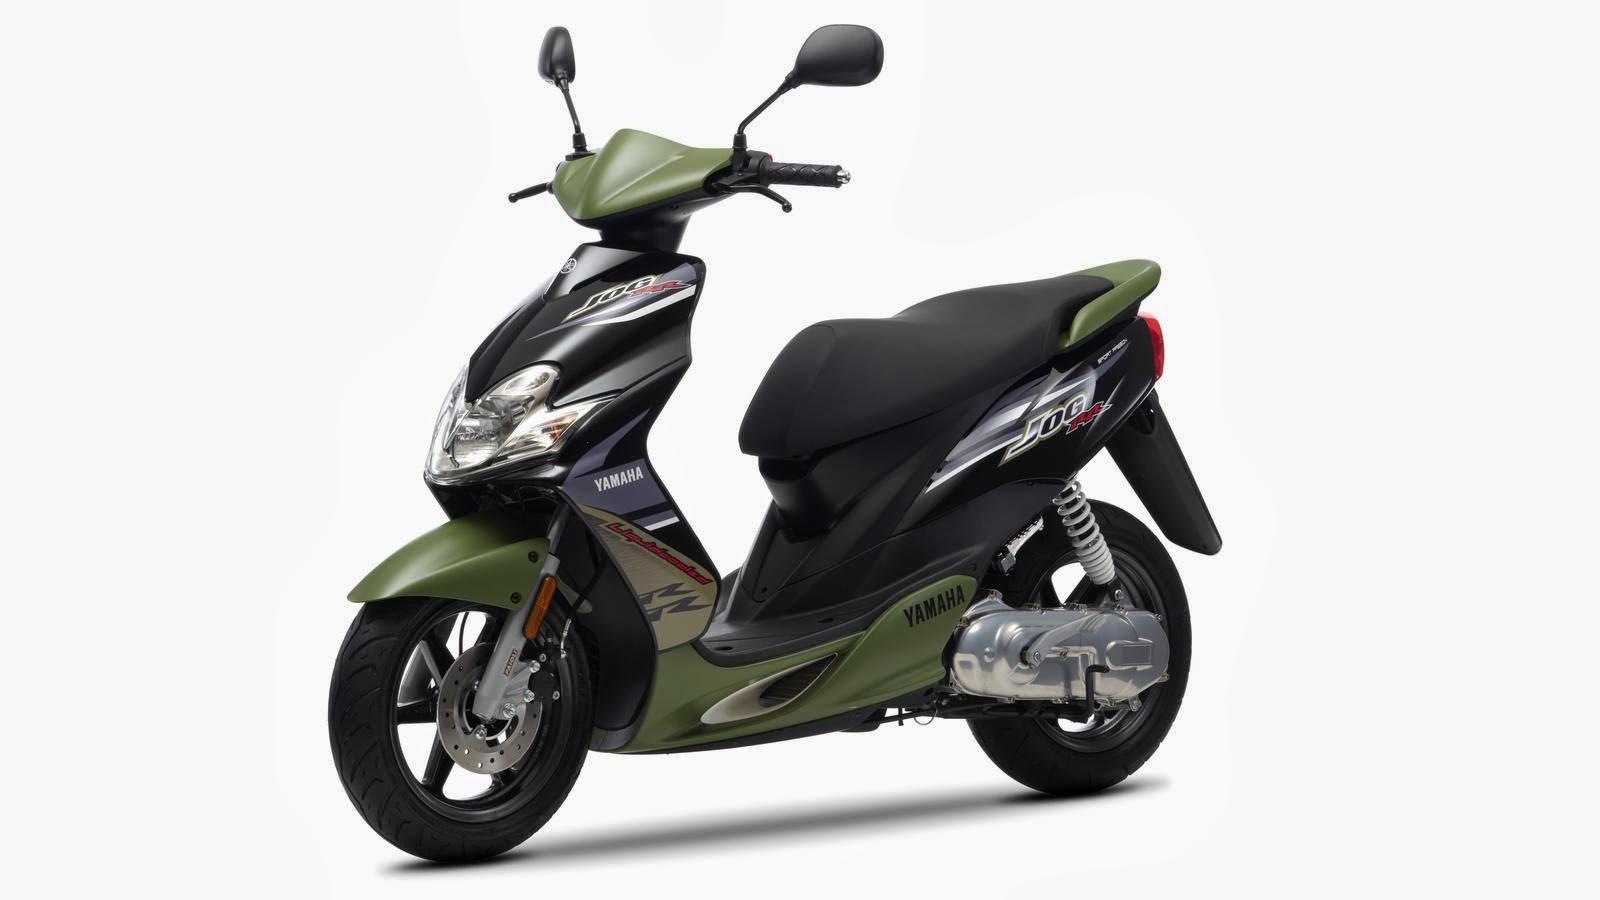 Upcoming Yamaha Jog R Scooters Photos